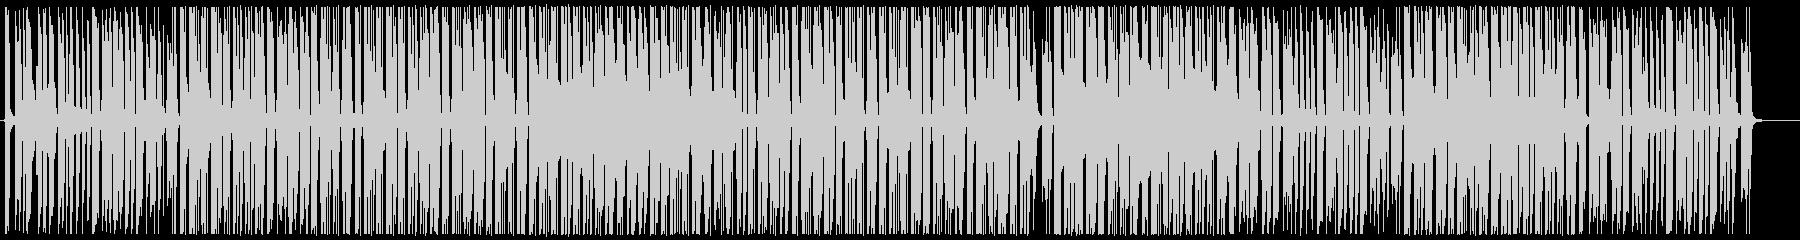 お洒落なピアノヒップホップの未再生の波形